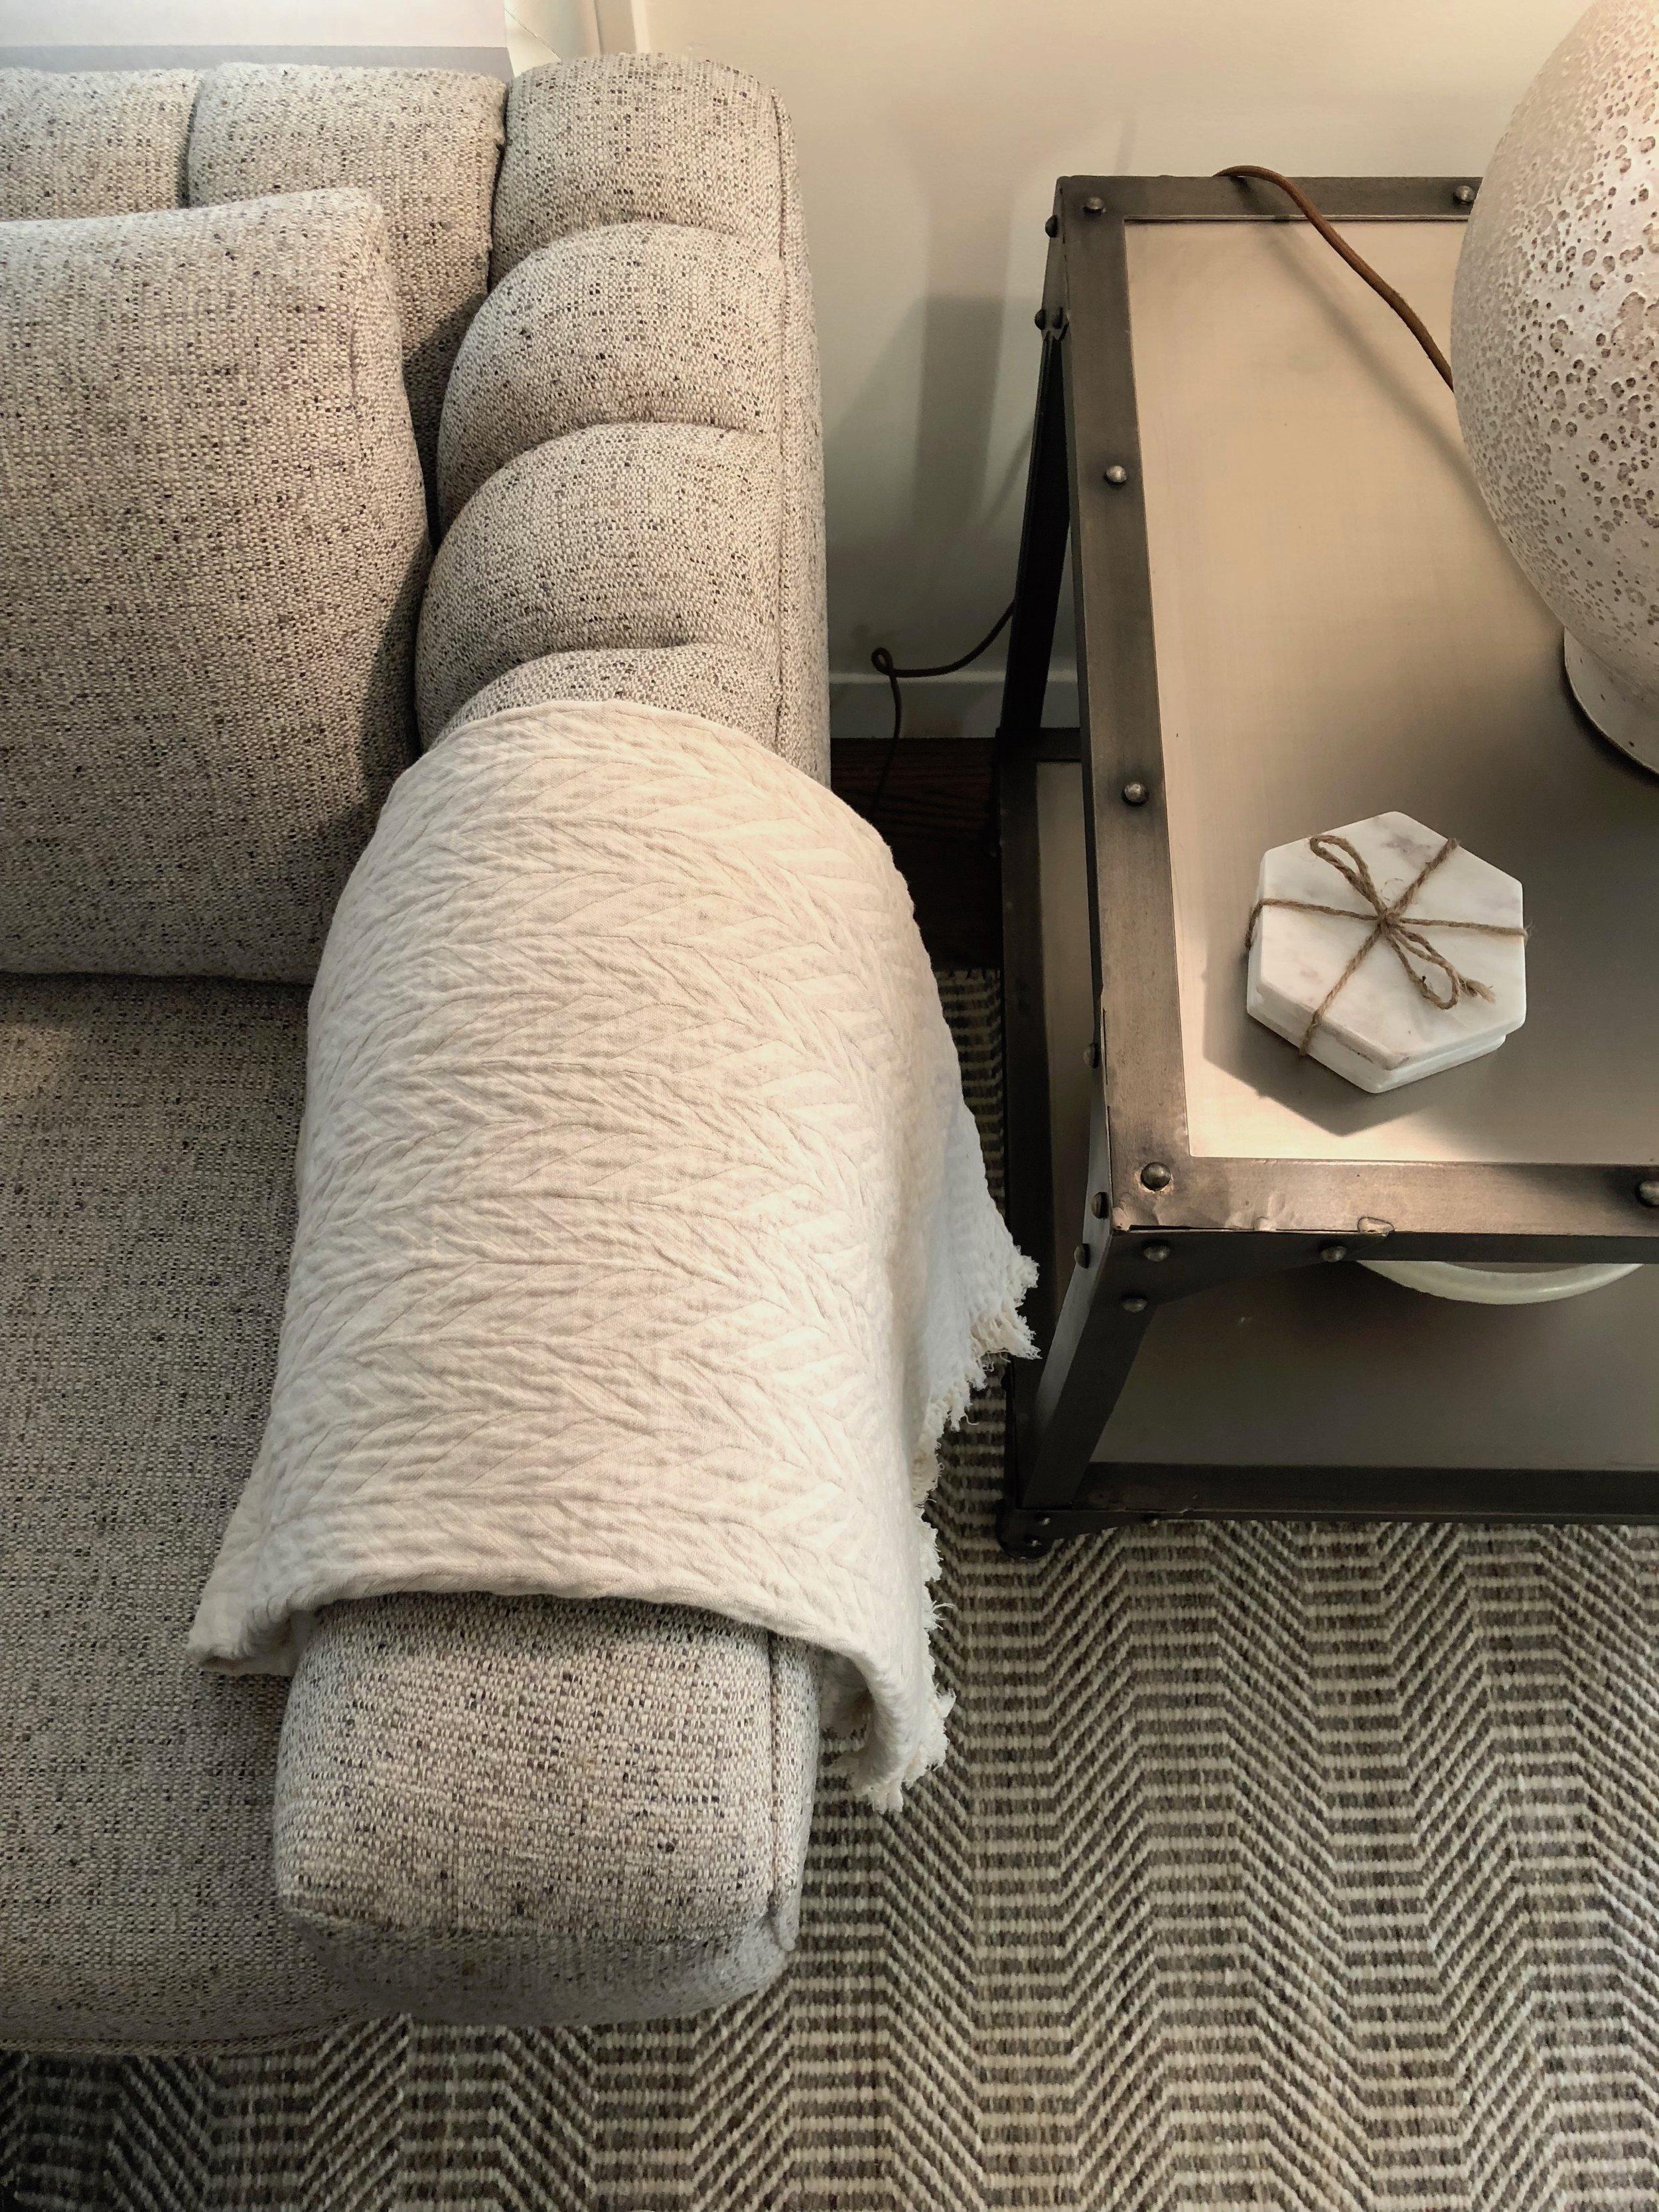 Sofa Arm_lawnson fenning.jpg